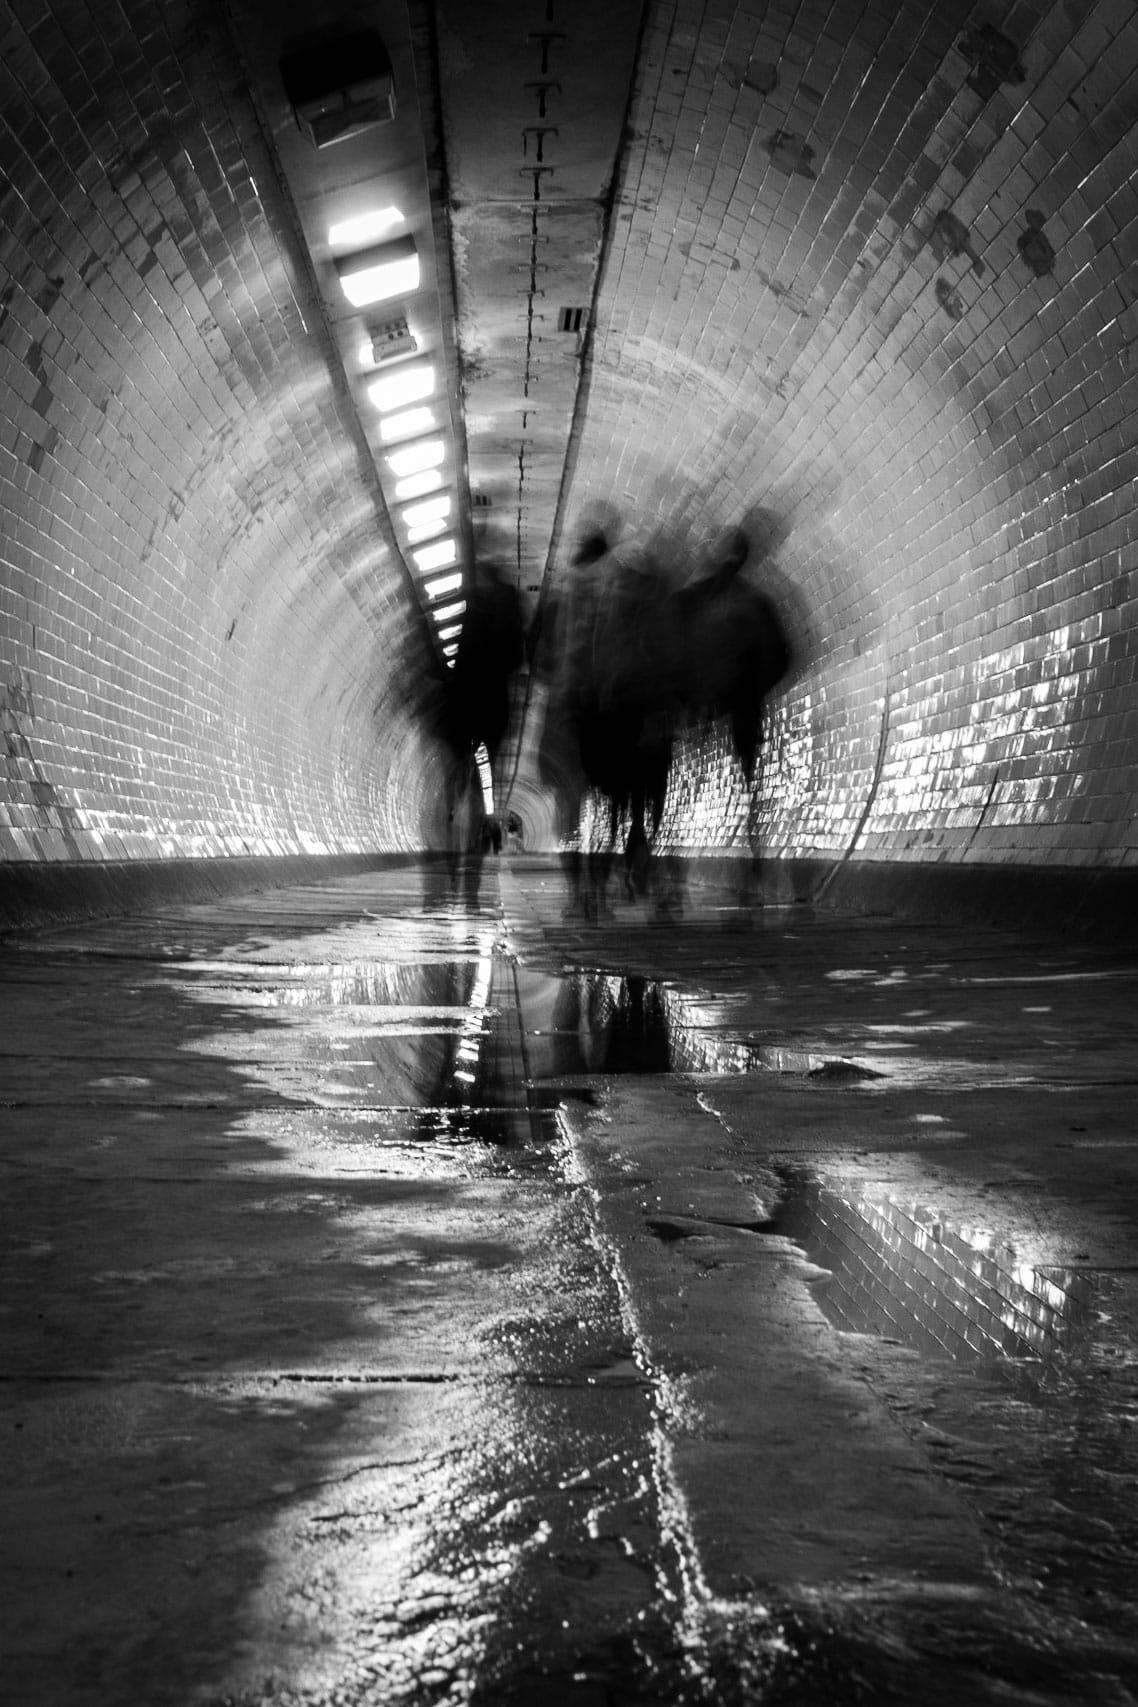 Foto de túnel en blanco y negro tomada con Pancake de Canon